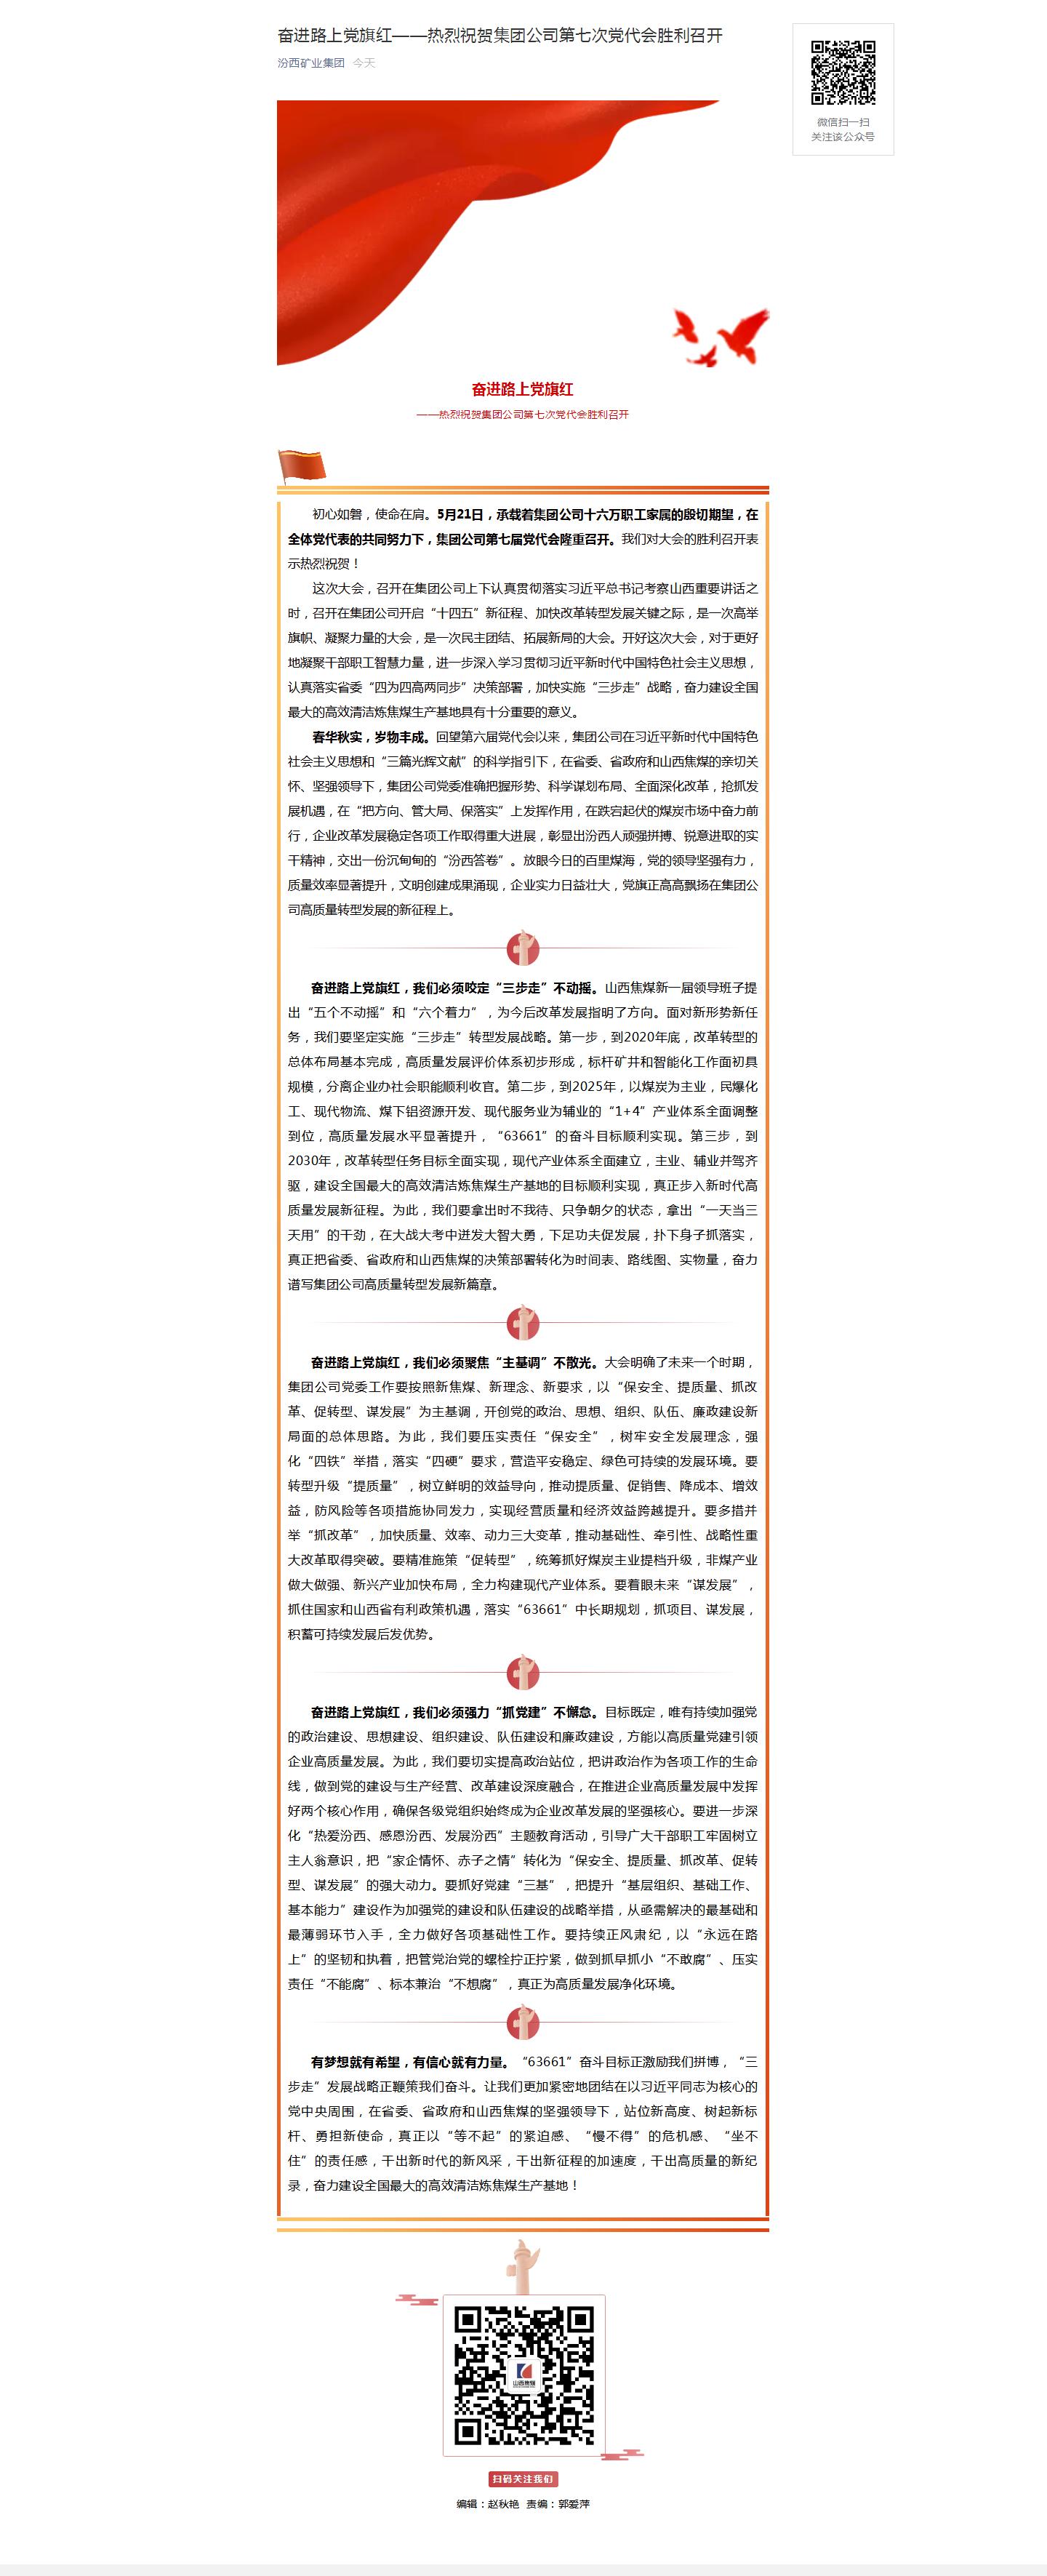 奋进路上党旗红——热烈祝贺集团公司第七次党代会胜利召开.png